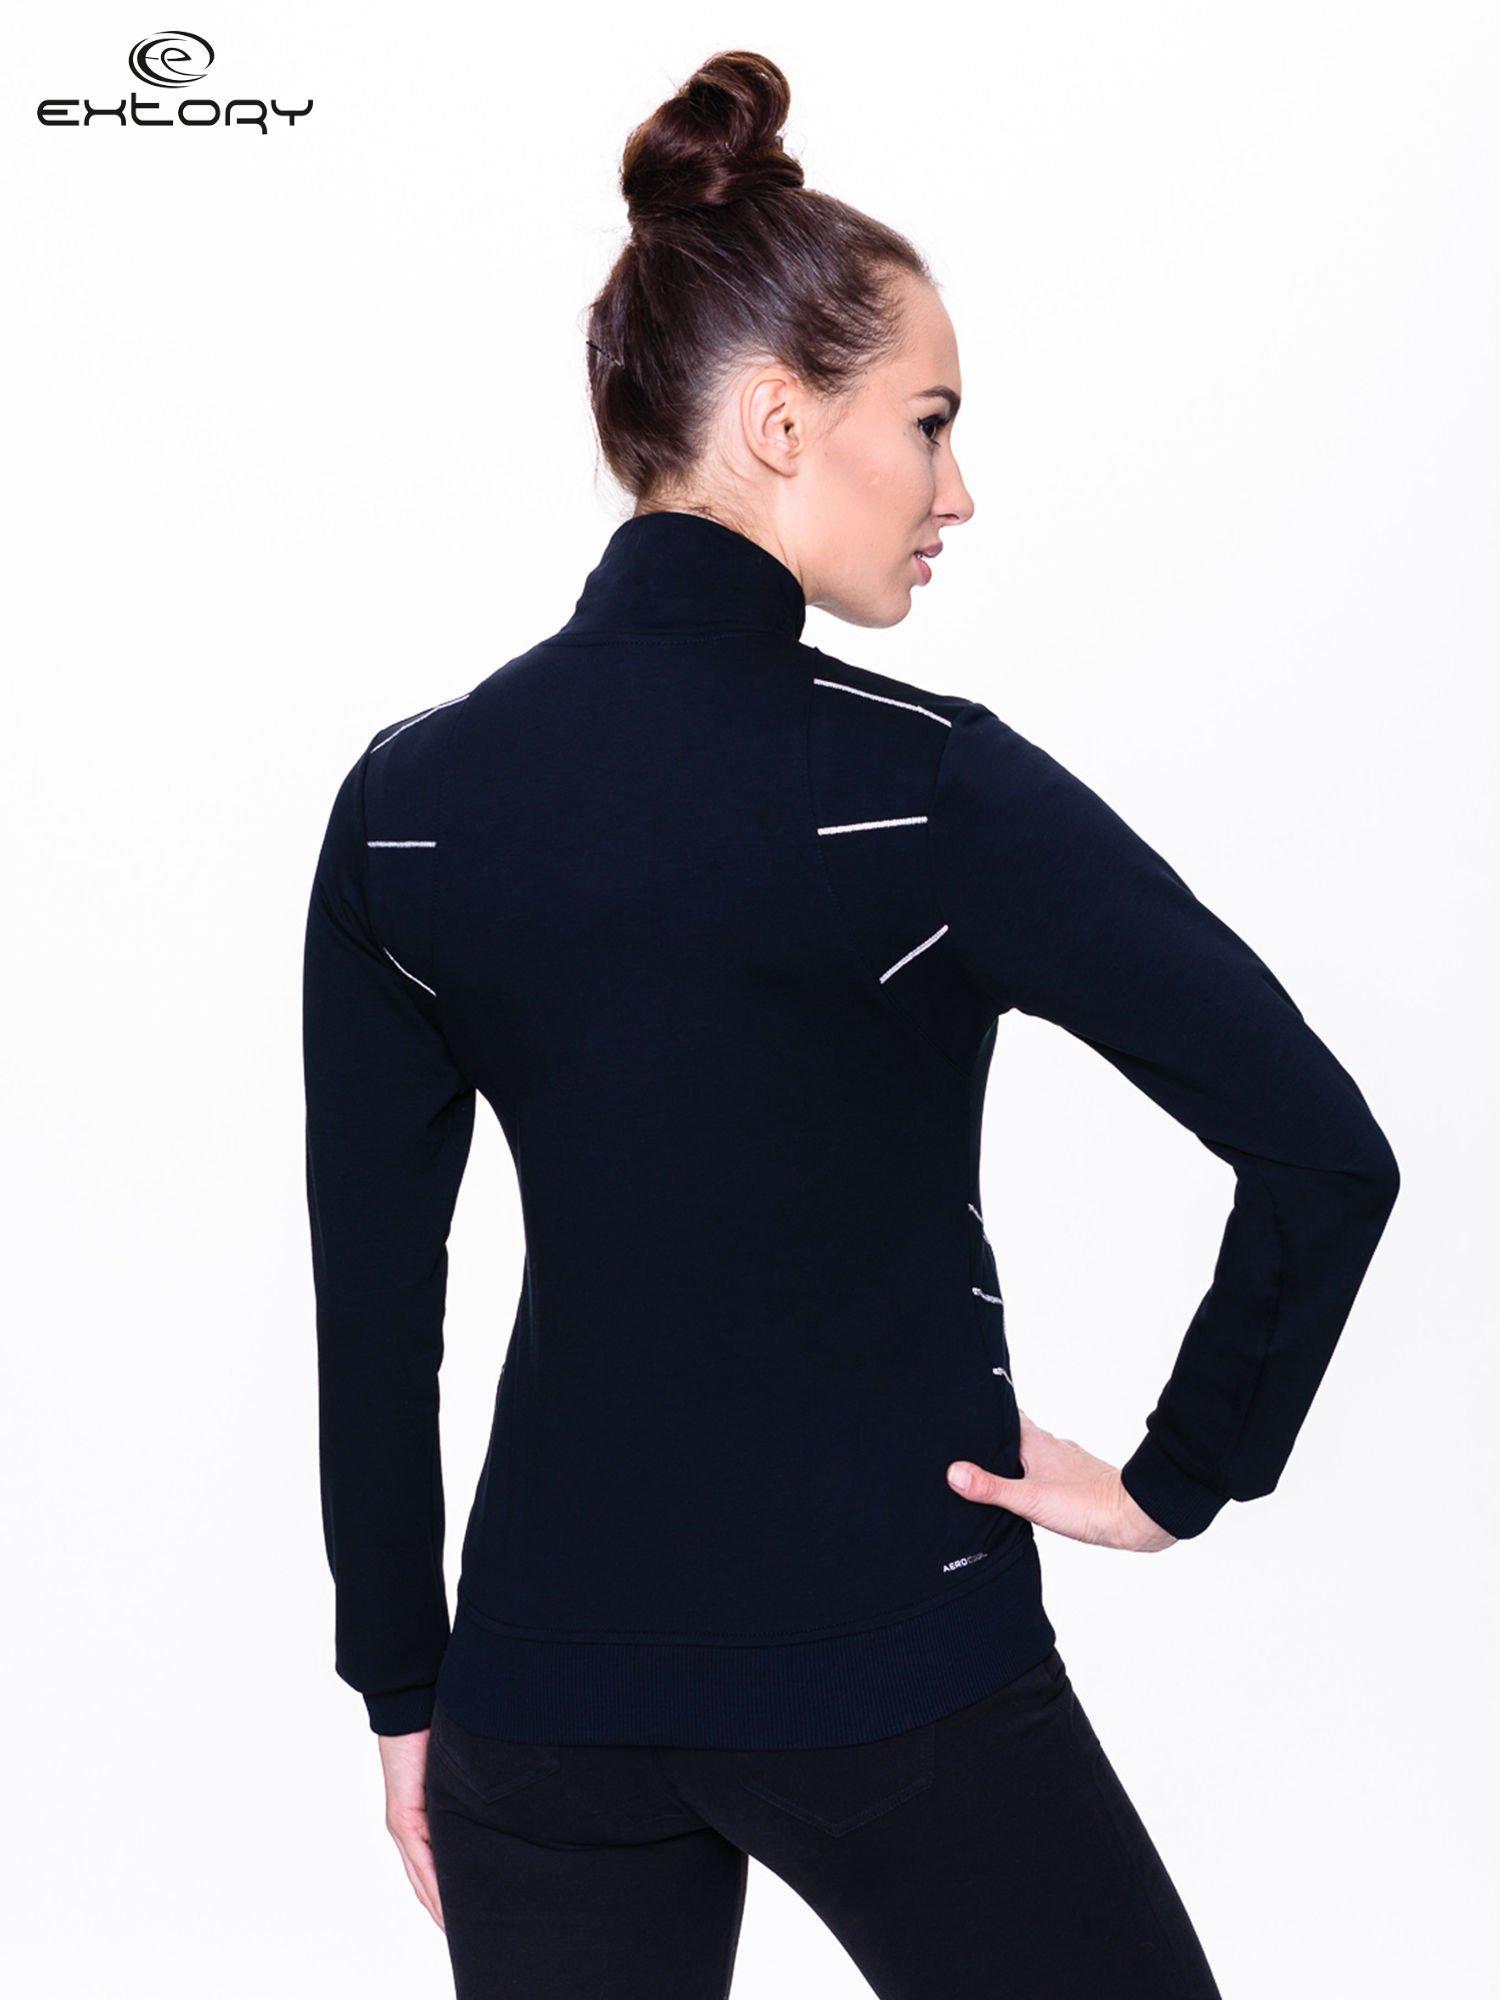 Czarna bluza sportowa z logo EXTORY                                  zdj.                                  3